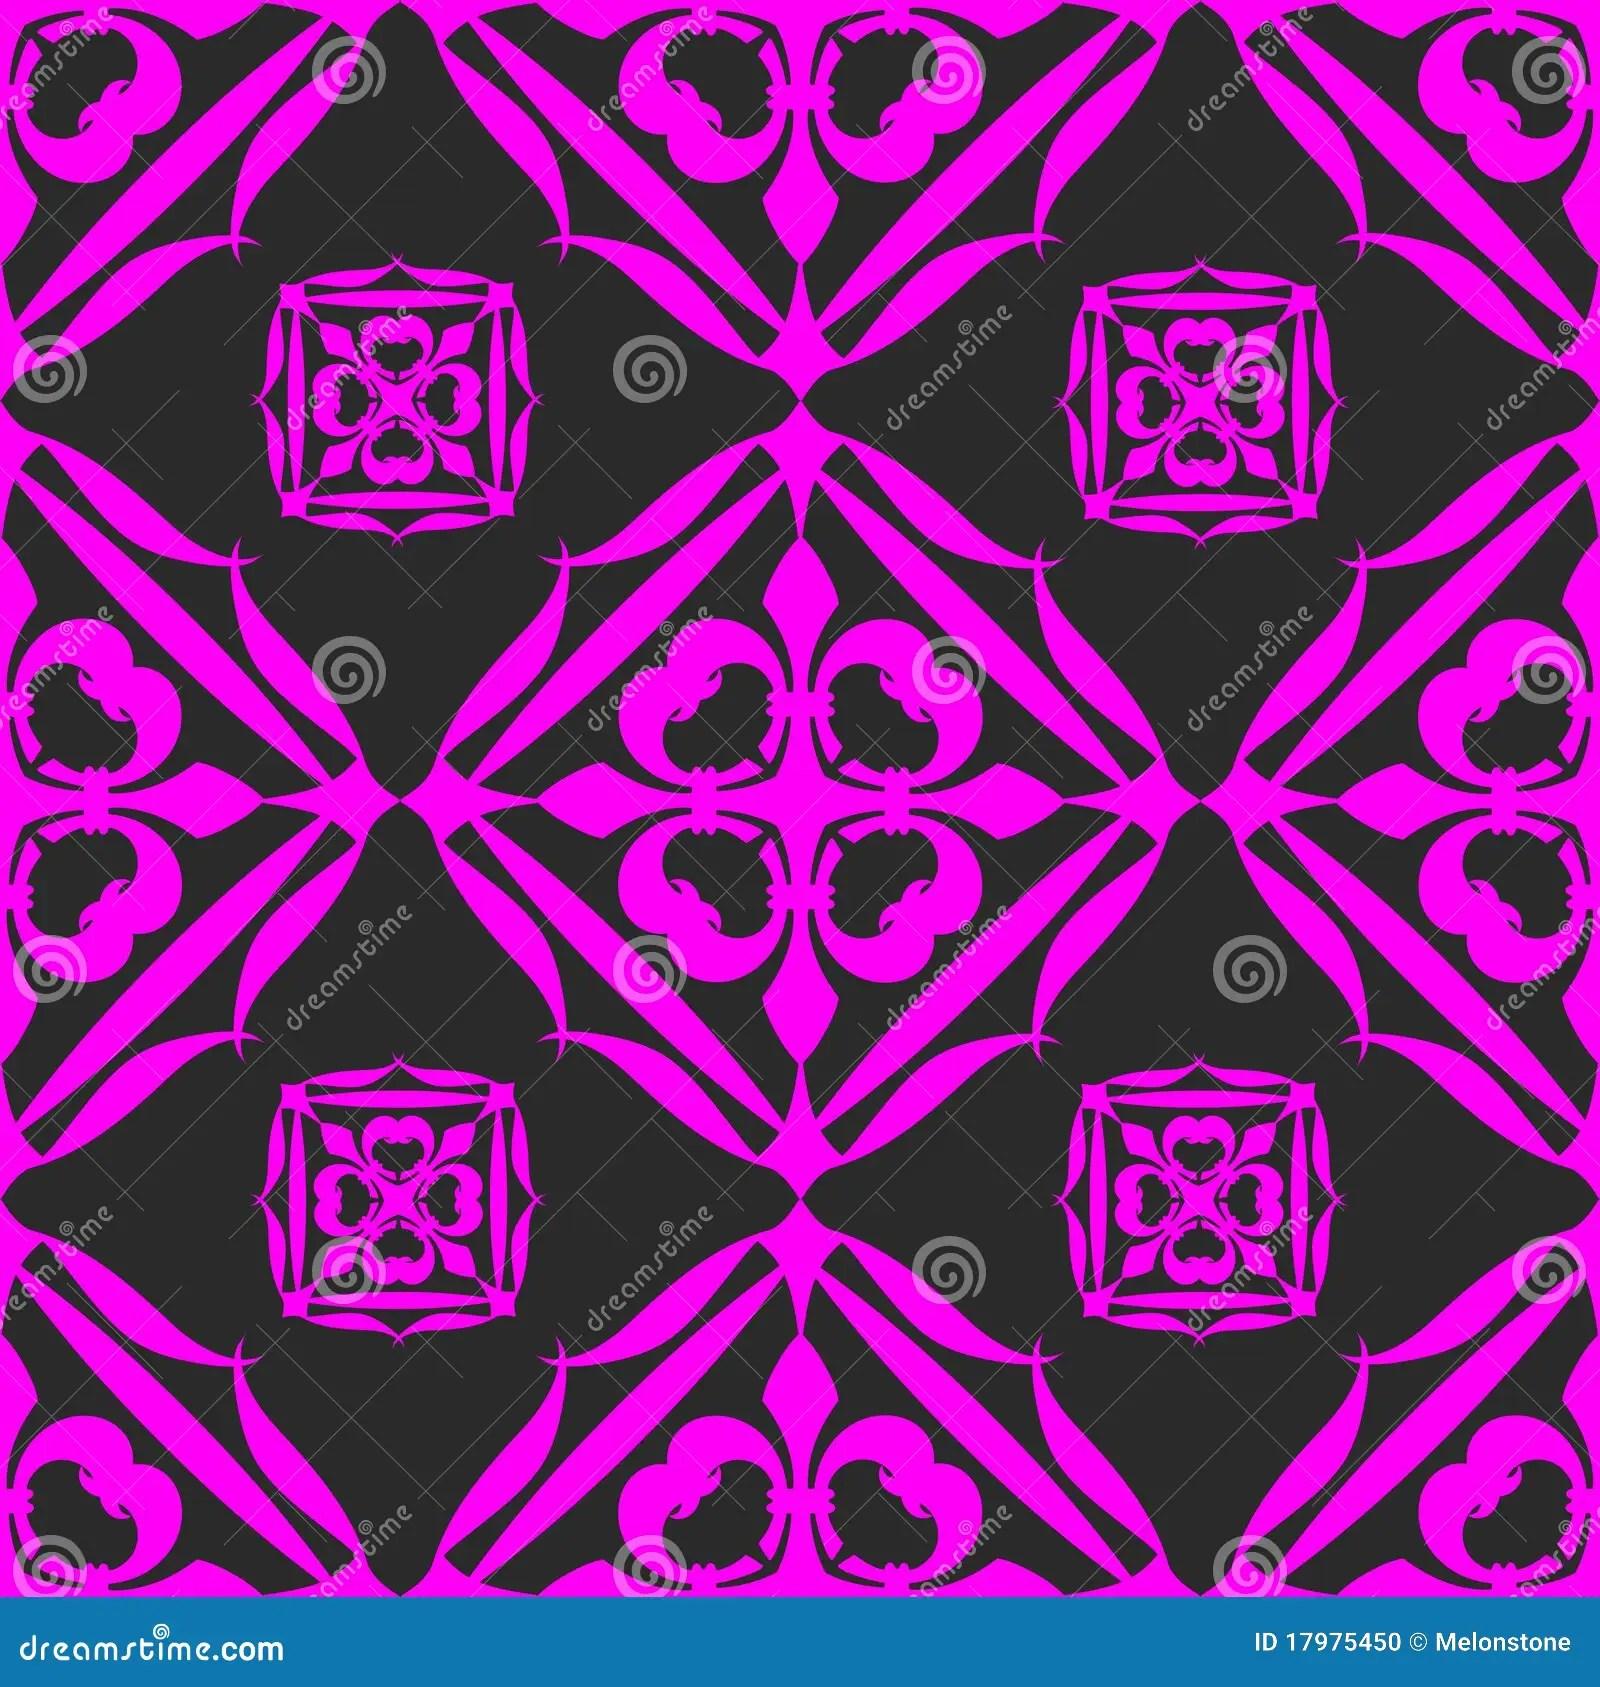 Pink Animal Print Wallpaper Seamless Black Pink Wallpaper Stock Photo Image 17975450